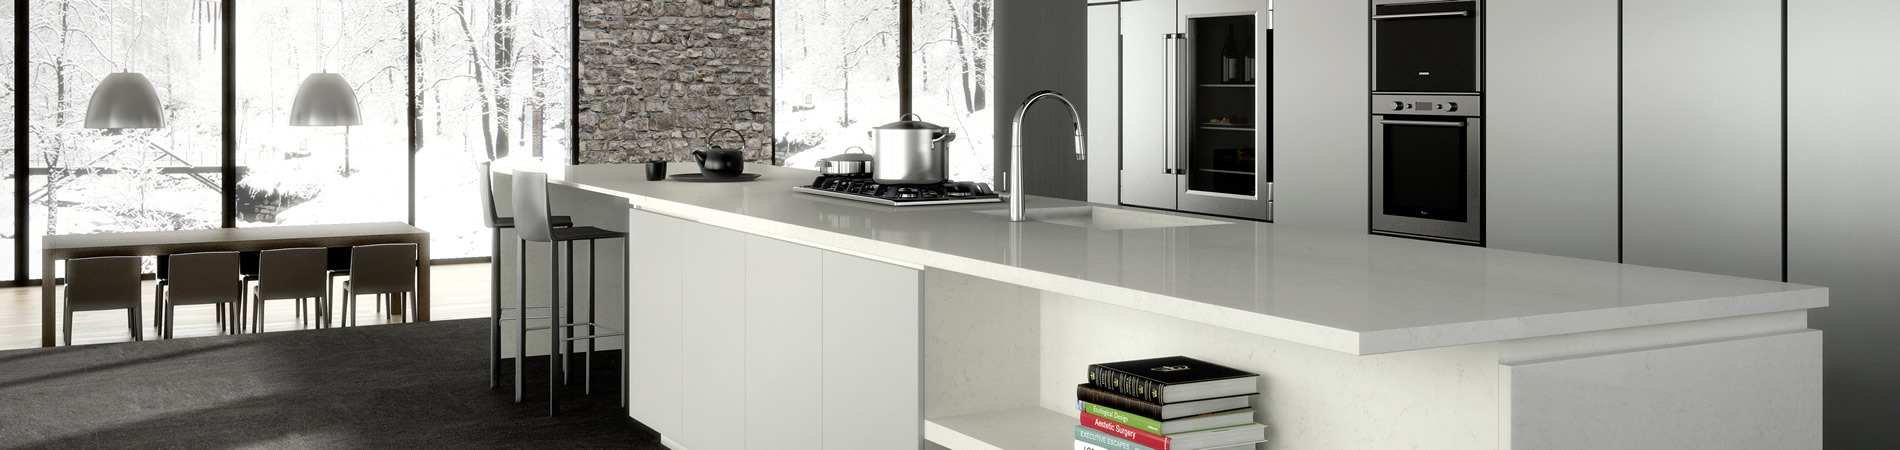 kunststein arbeitsplatten preise wie teuer ist eine arbeitsplatte. Black Bedroom Furniture Sets. Home Design Ideas